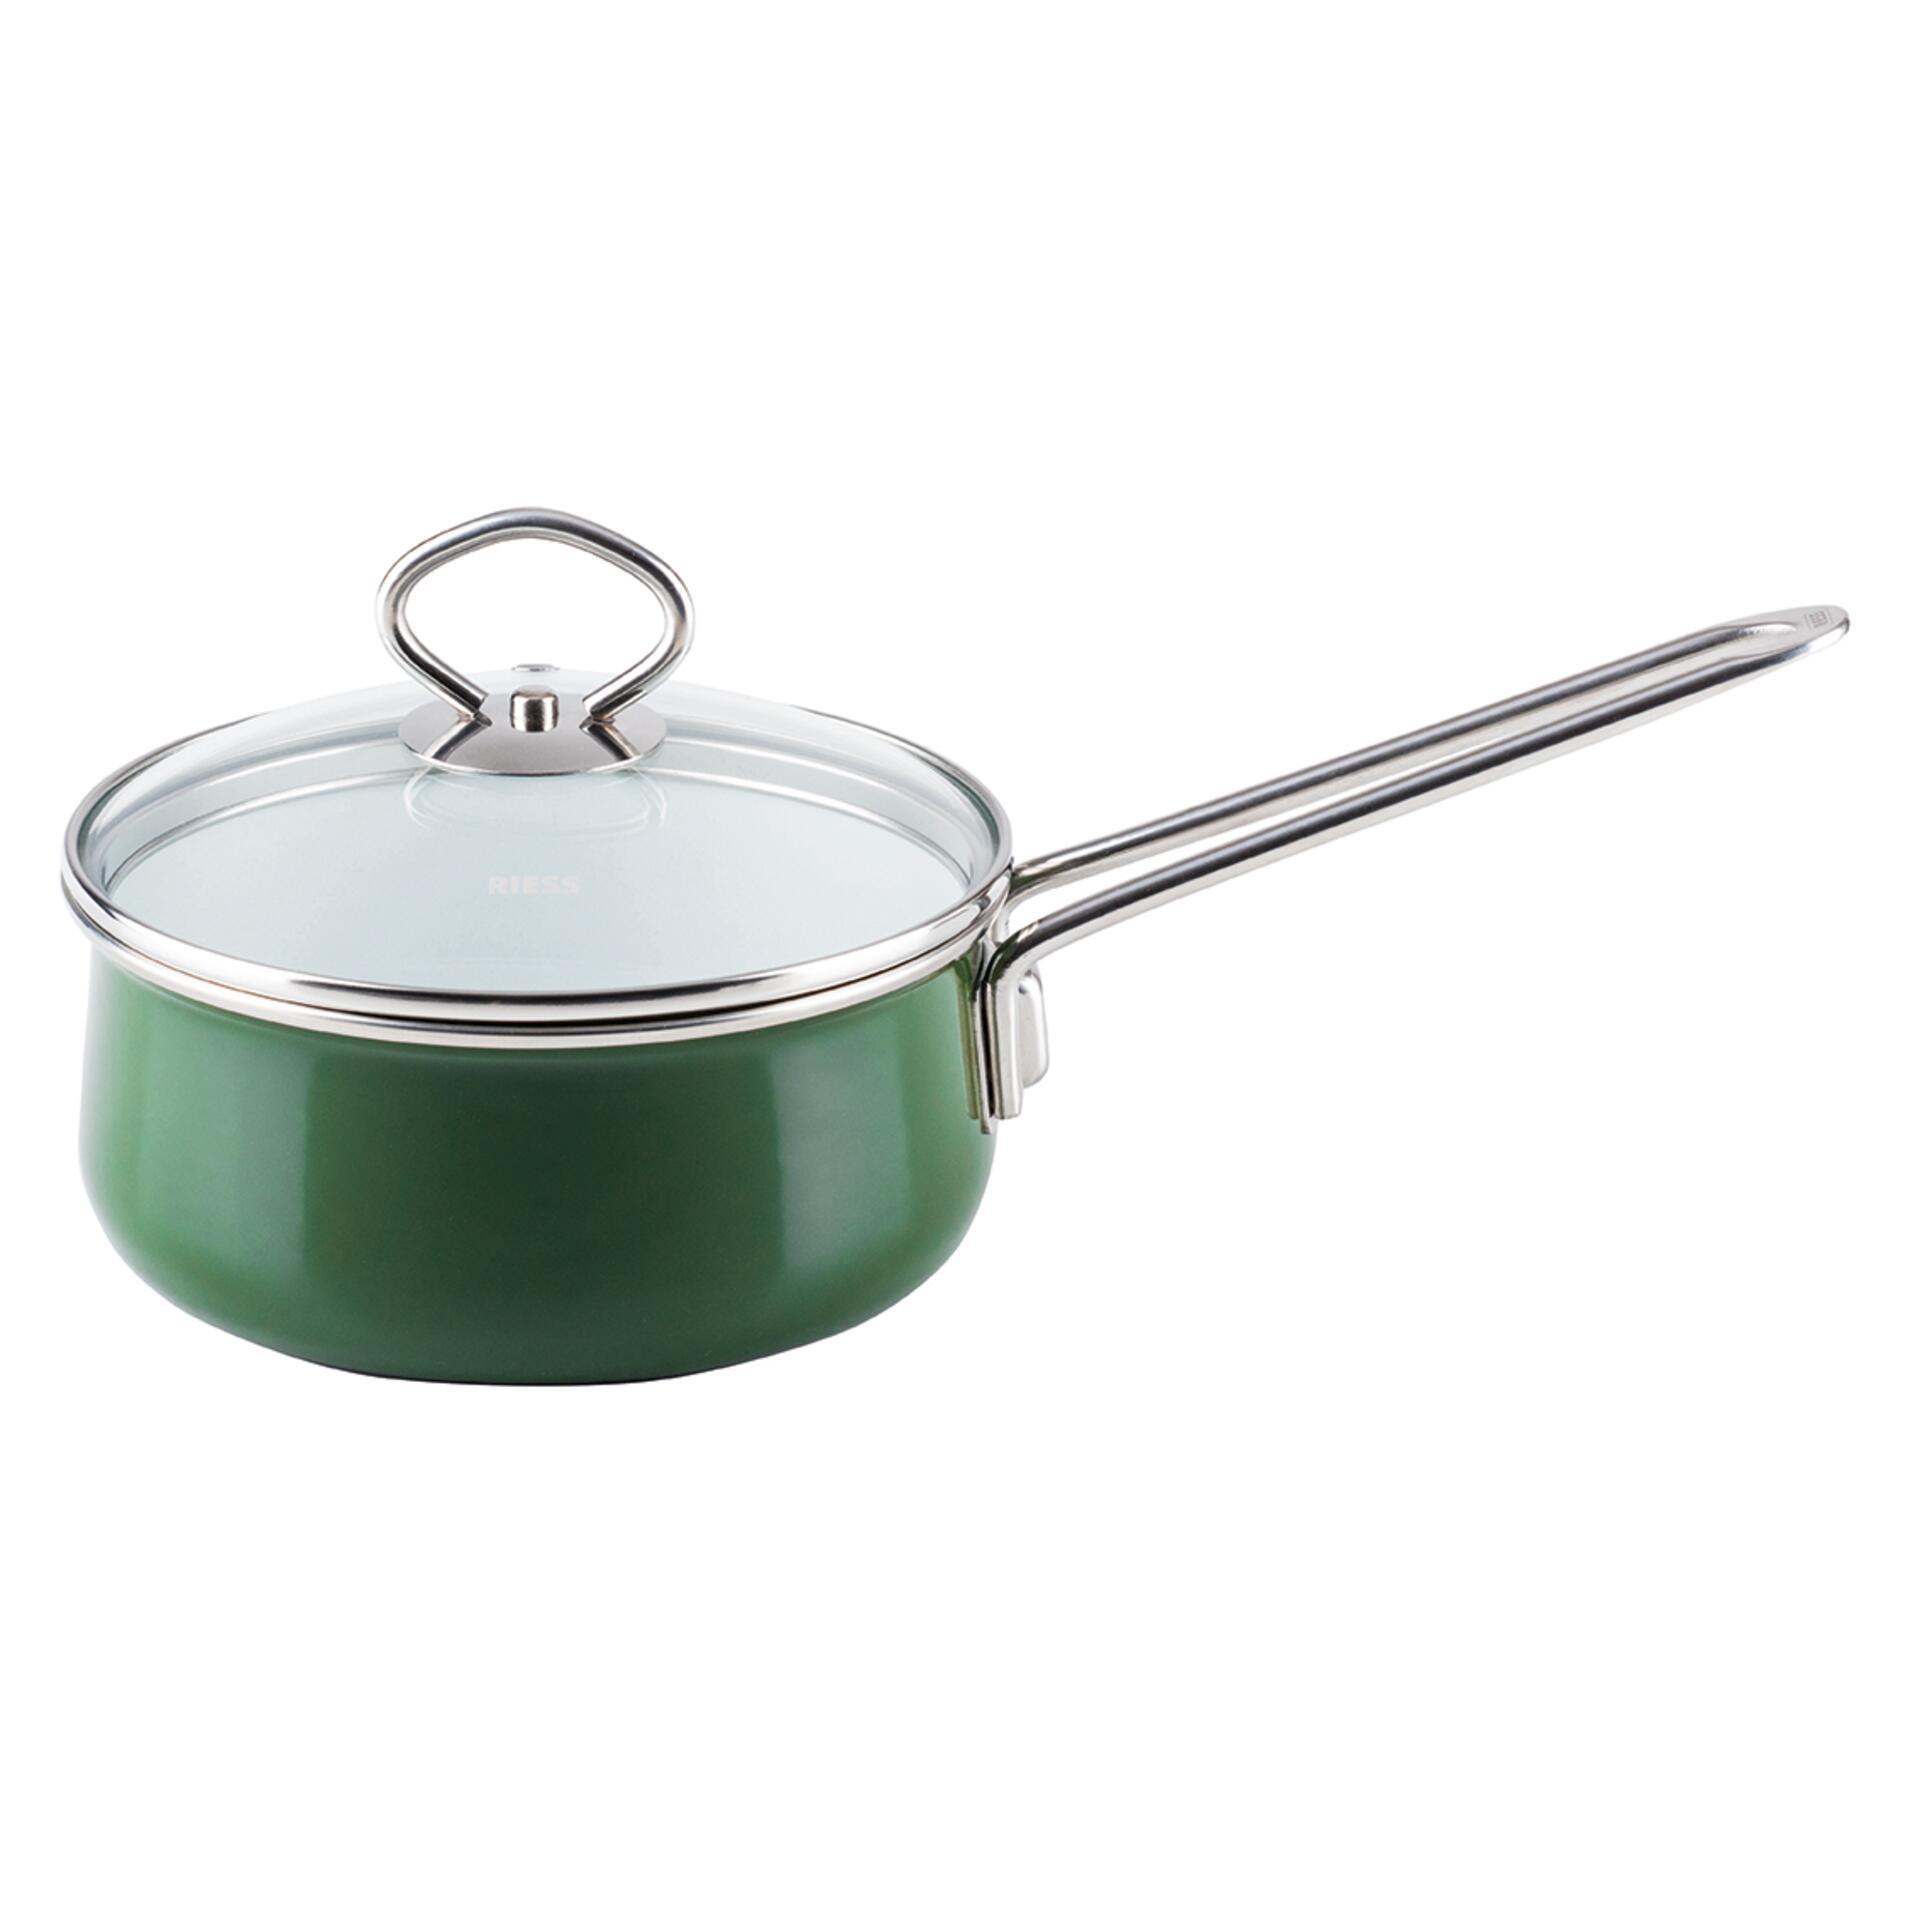 Riess Emaille Stielkasserolle mit Glasdeckel 16 cm 1 l Nouvelle Verde Top 3000